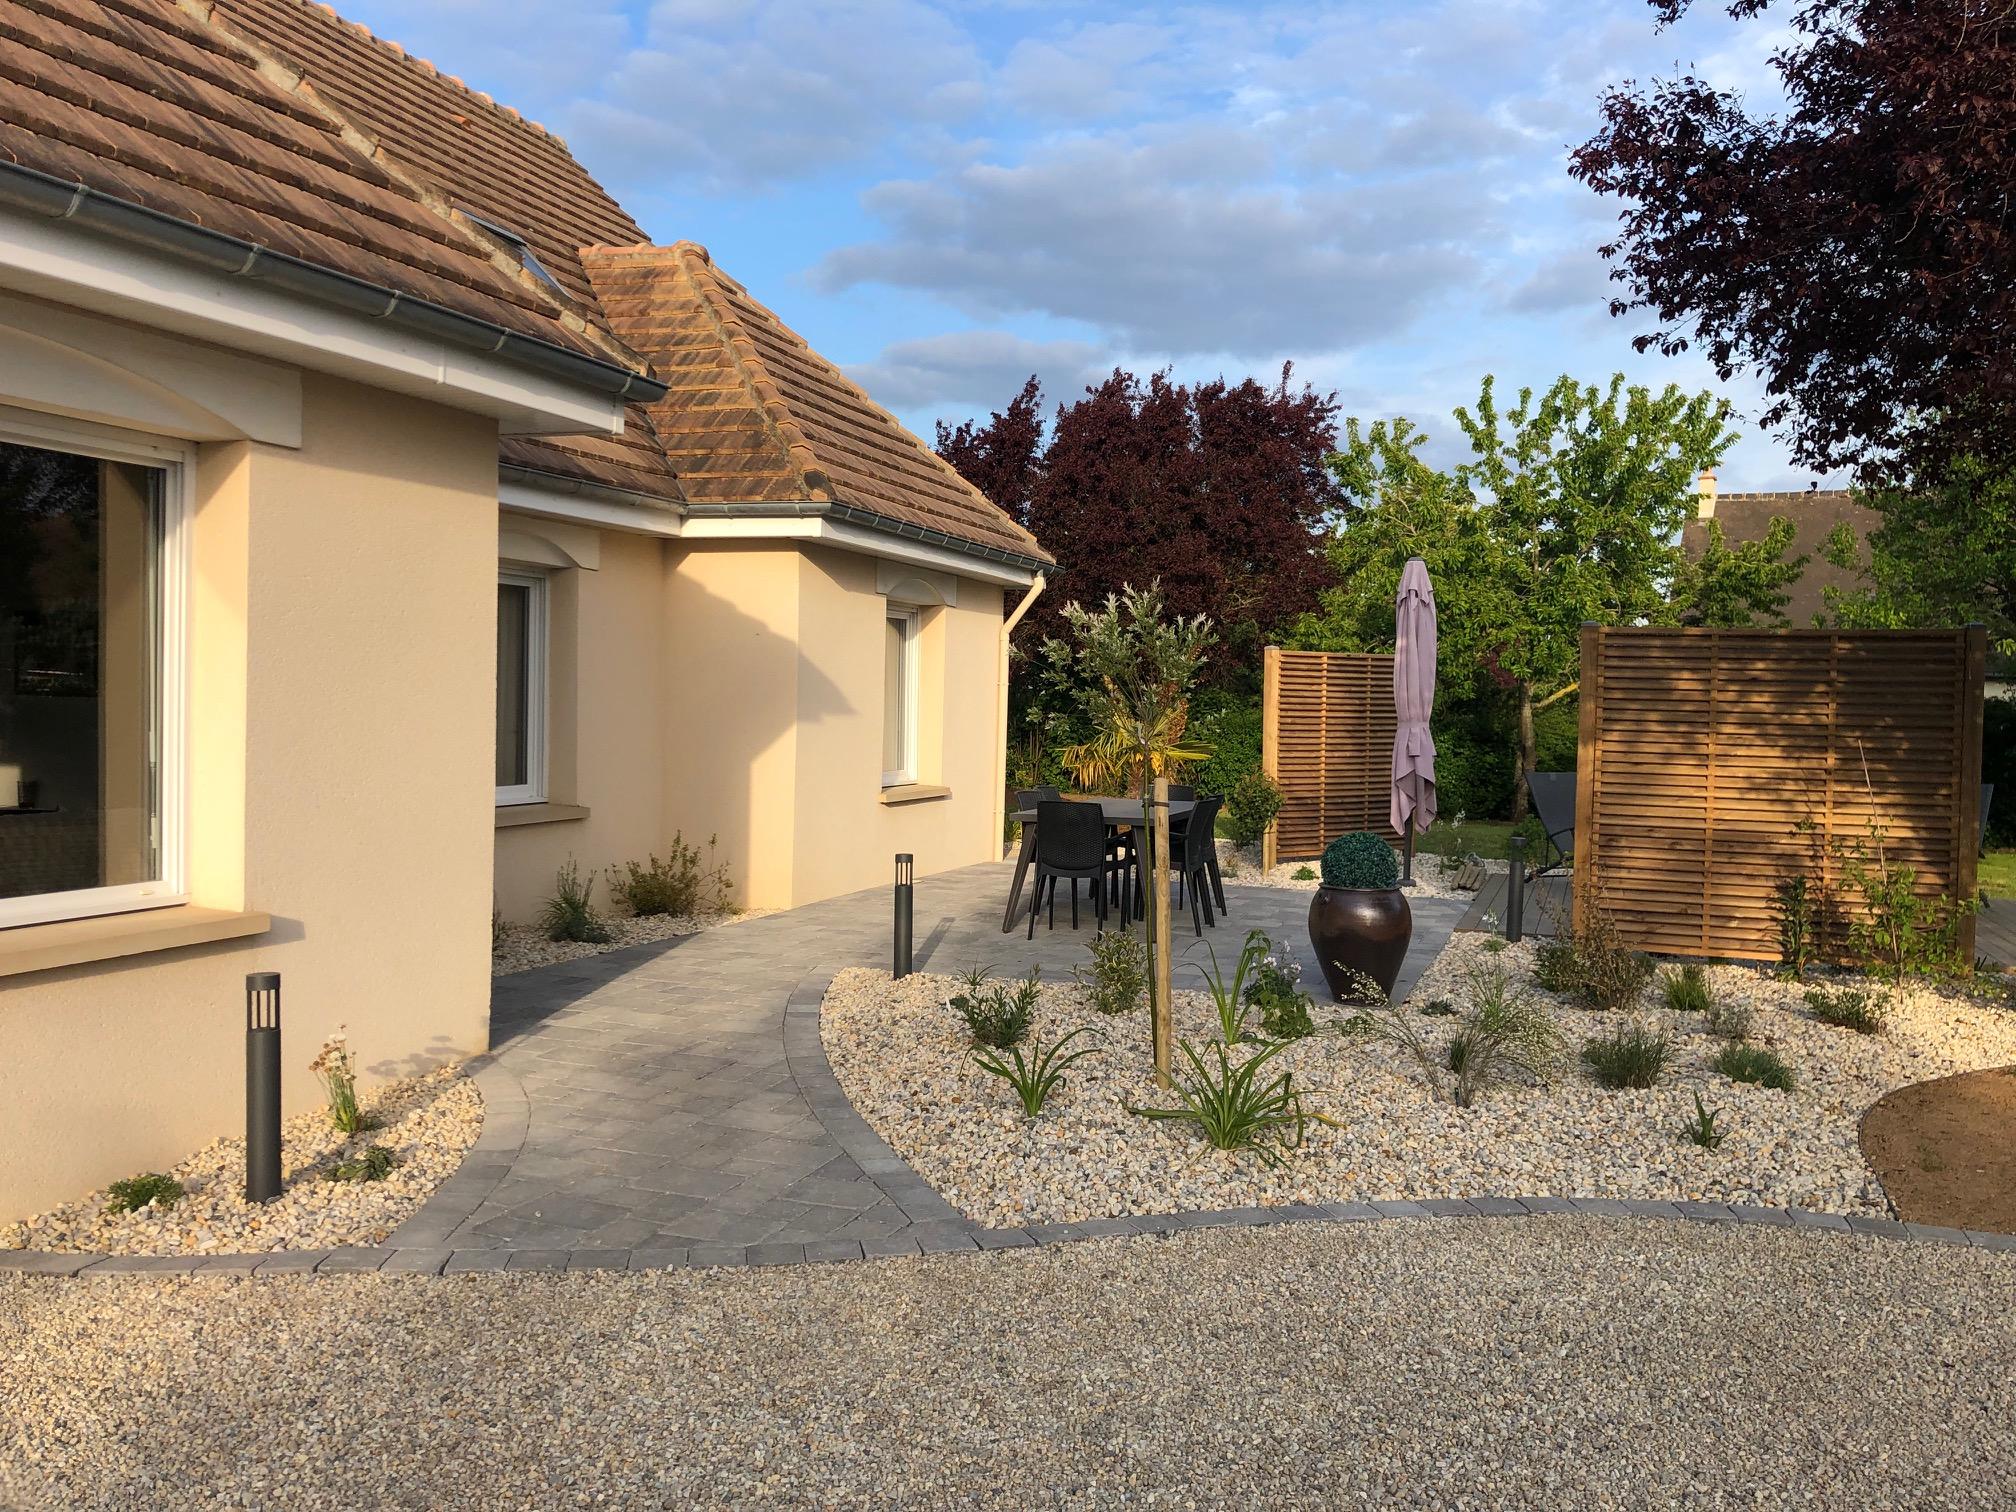 Aménagement Extérieur Entrée Maison aménagement d'entrée de maison en pavé | paysages conseil